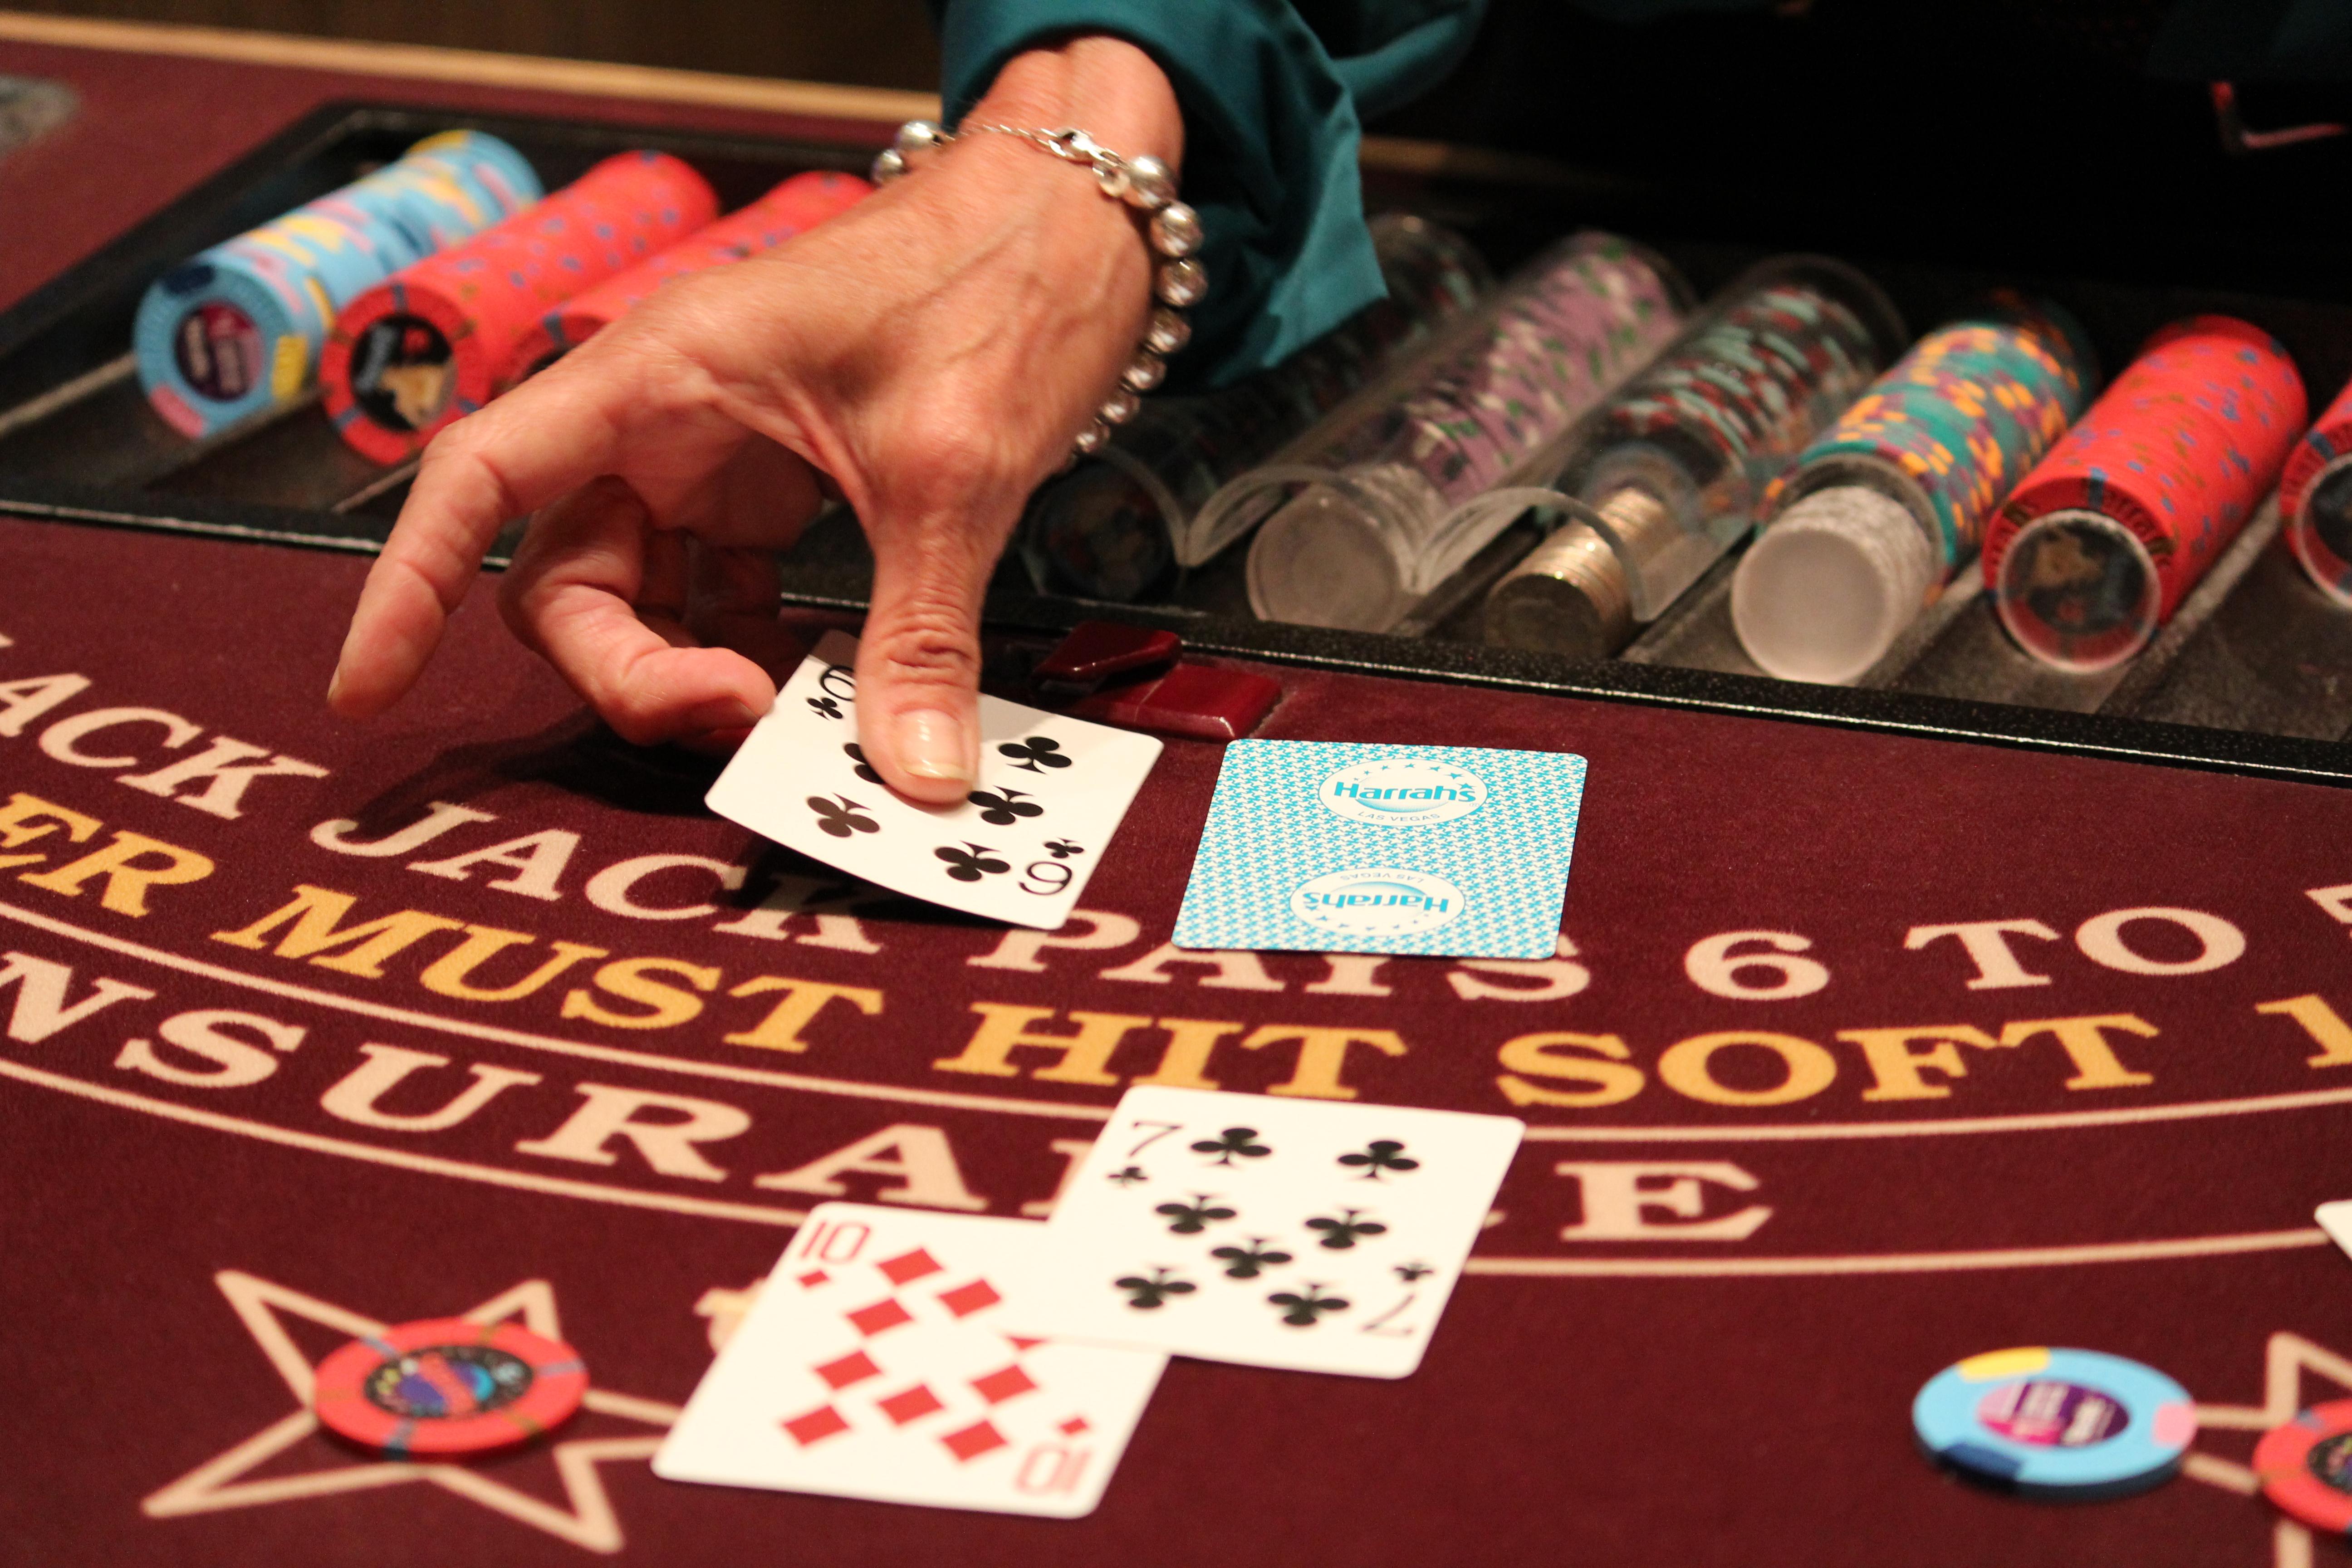 Las Vegas Gambling Stories